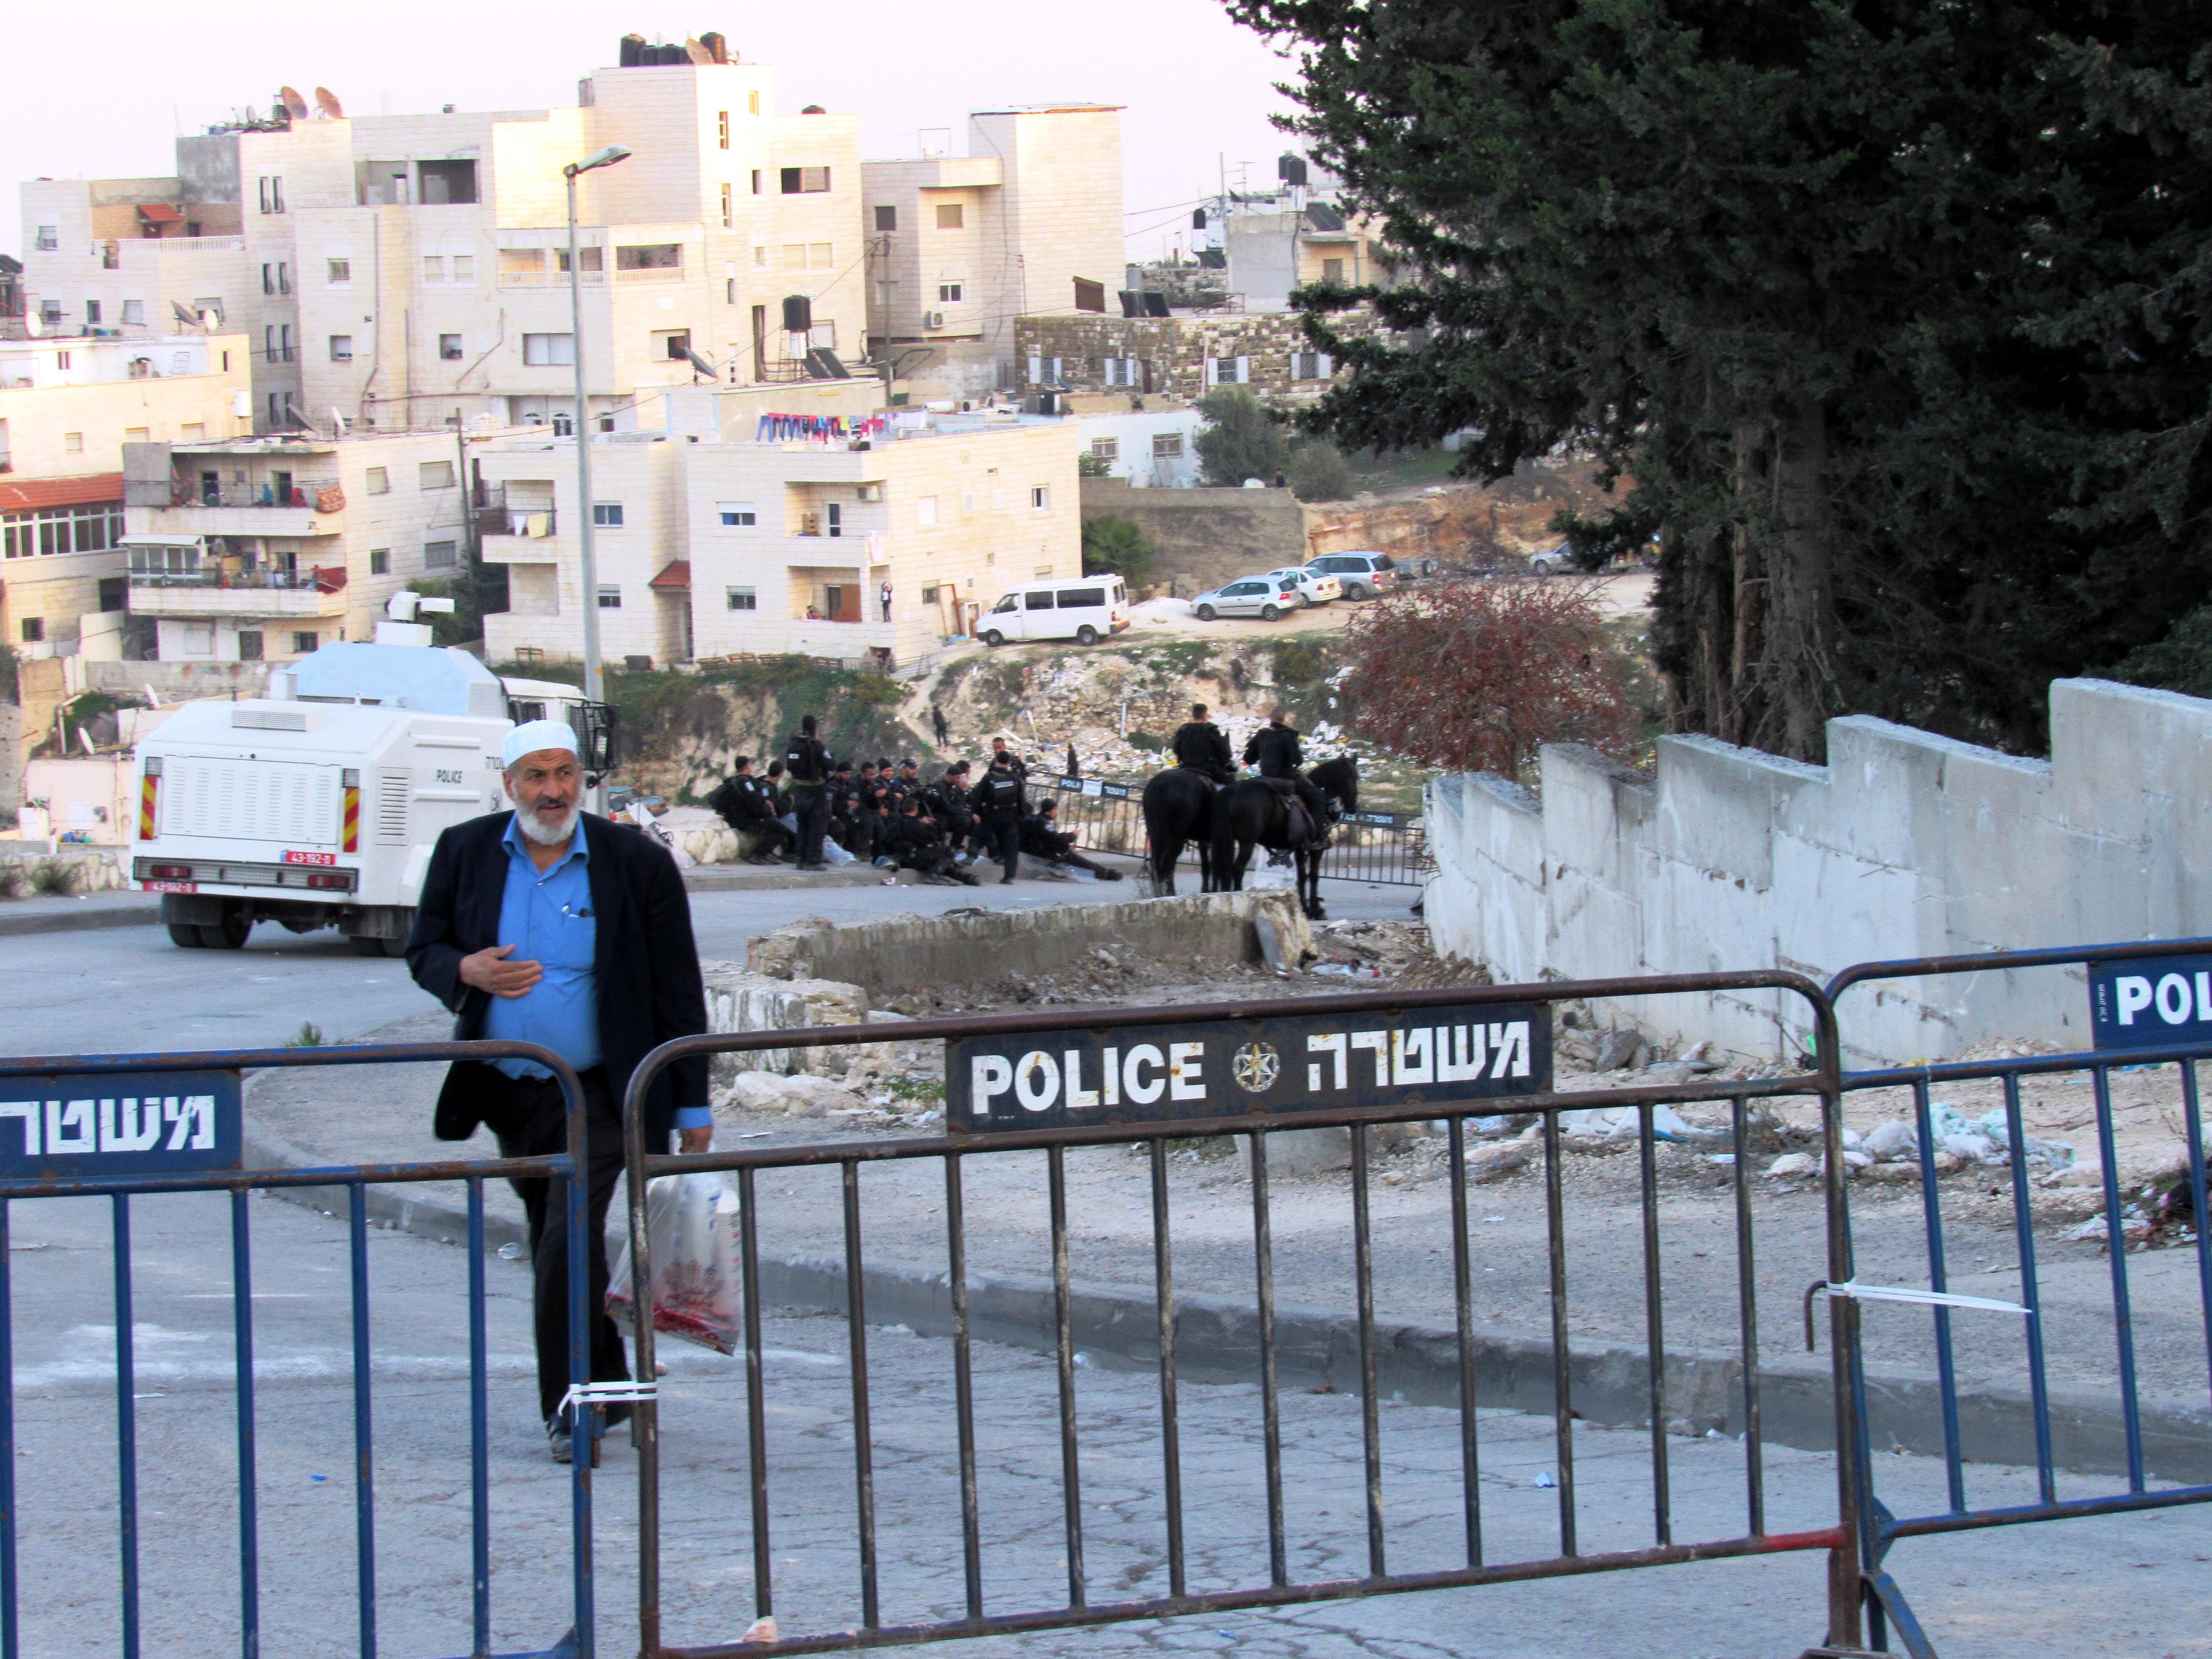 Il quartiere palestinese Issawiya a Gerusalemme est  (Foto: Chiara Cruciati/Nena News)